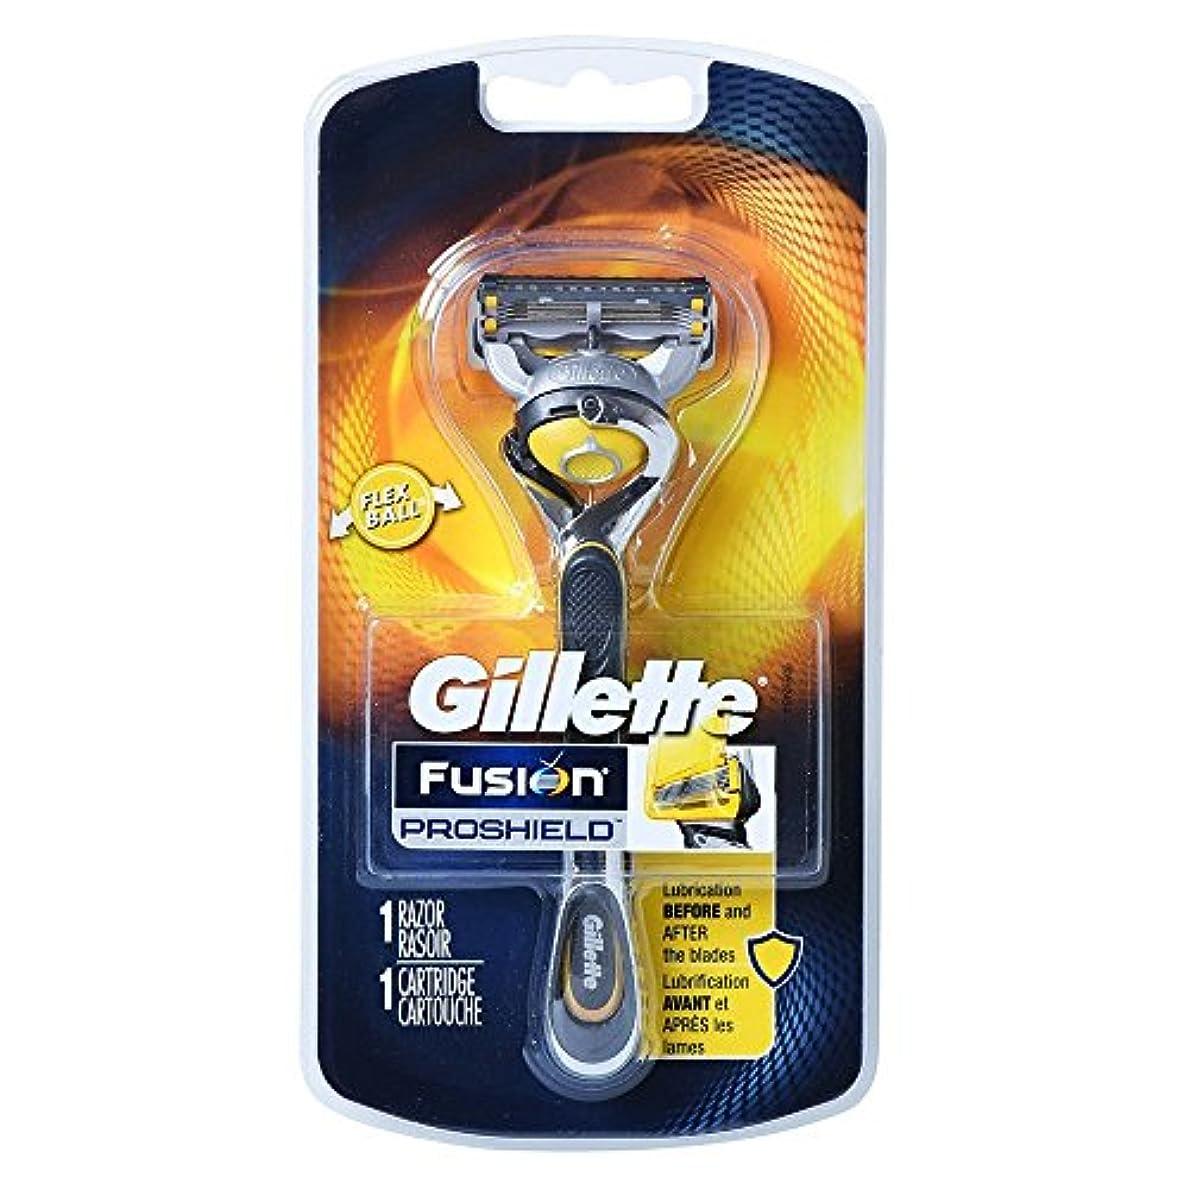 検体ブルジョンウェブGillette Fusion Proshield Yellow フレックスボール剃刀でメンズカミソリ Refrills 1 [並行輸入品]